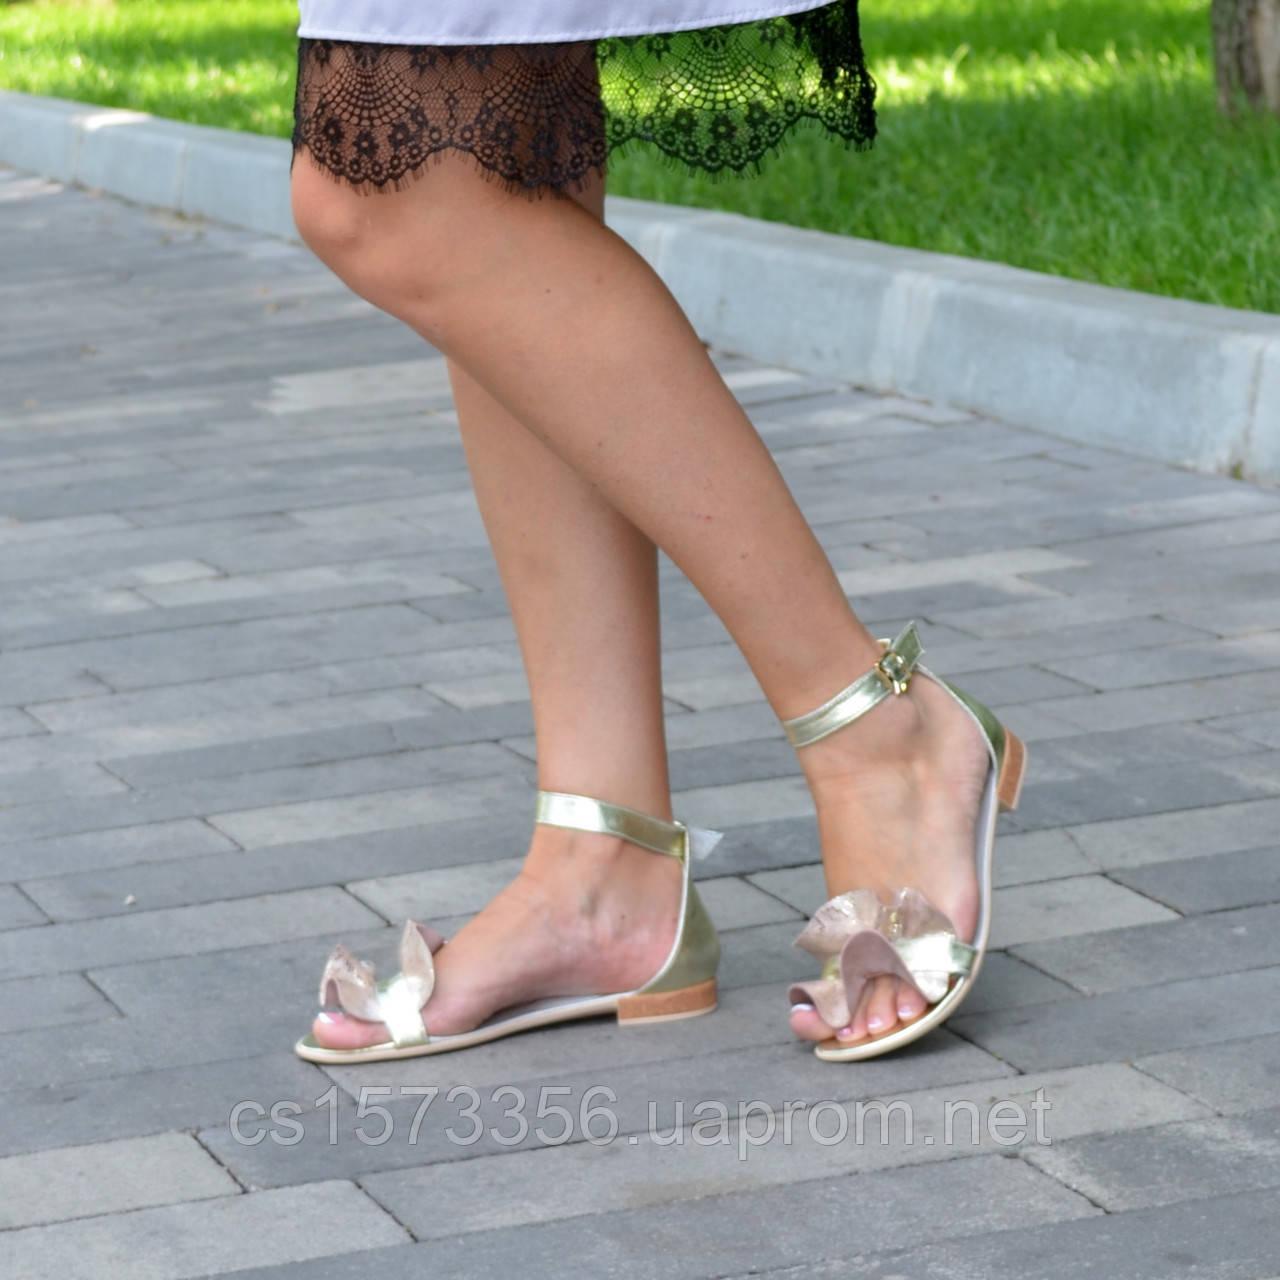 Босоножки женские кожаные на низком ходу, цвет золото